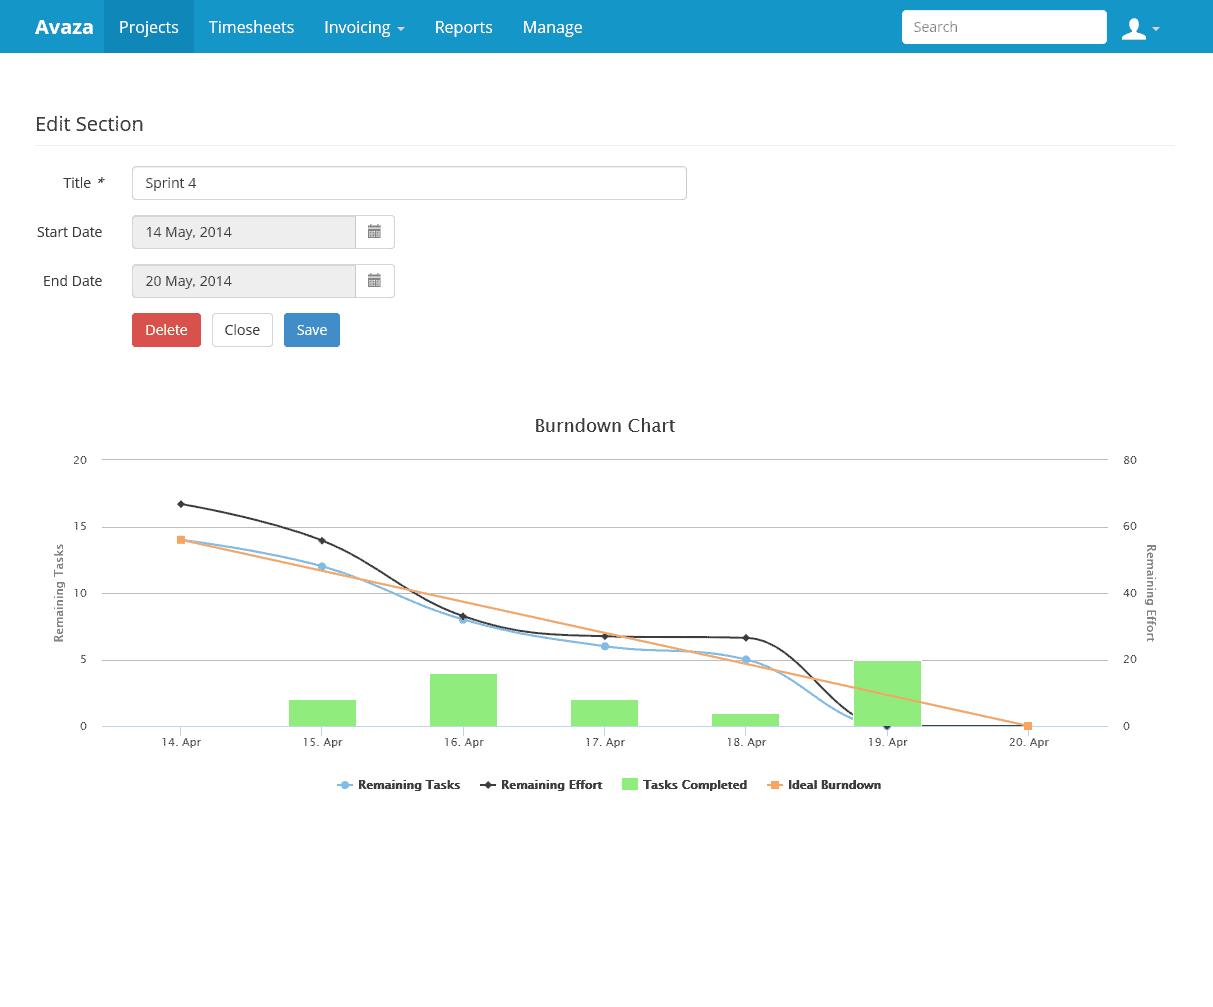 Task Burndown Chart